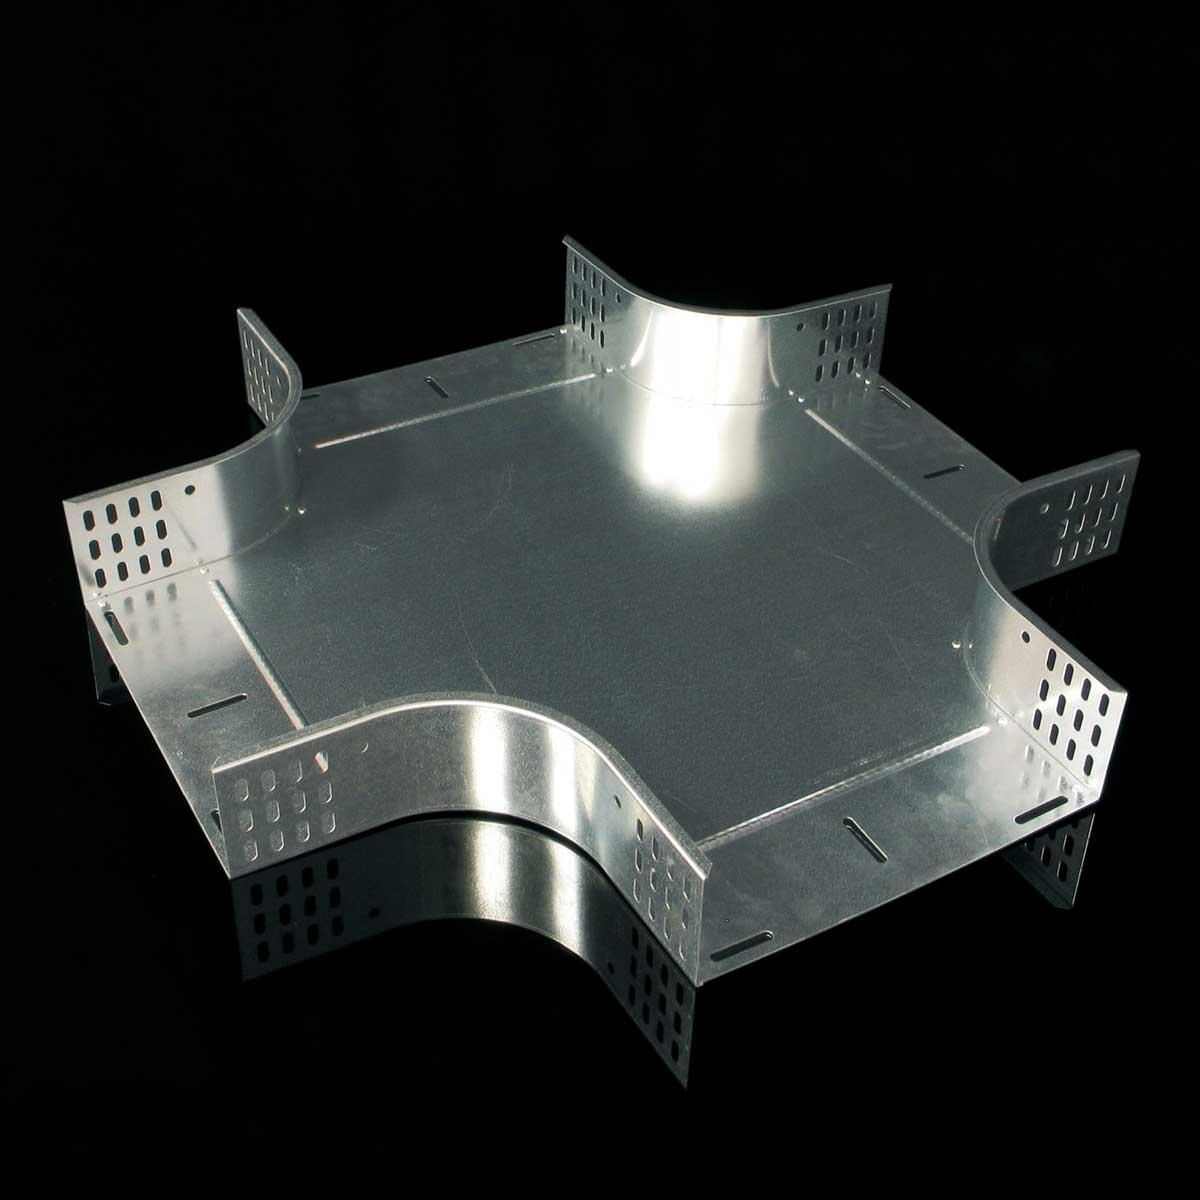 Відгалужувач хрестоподібний JUPITER; розміри-85x600x1000mm Товщ. метал-1,2 Вага-9,48кг/м